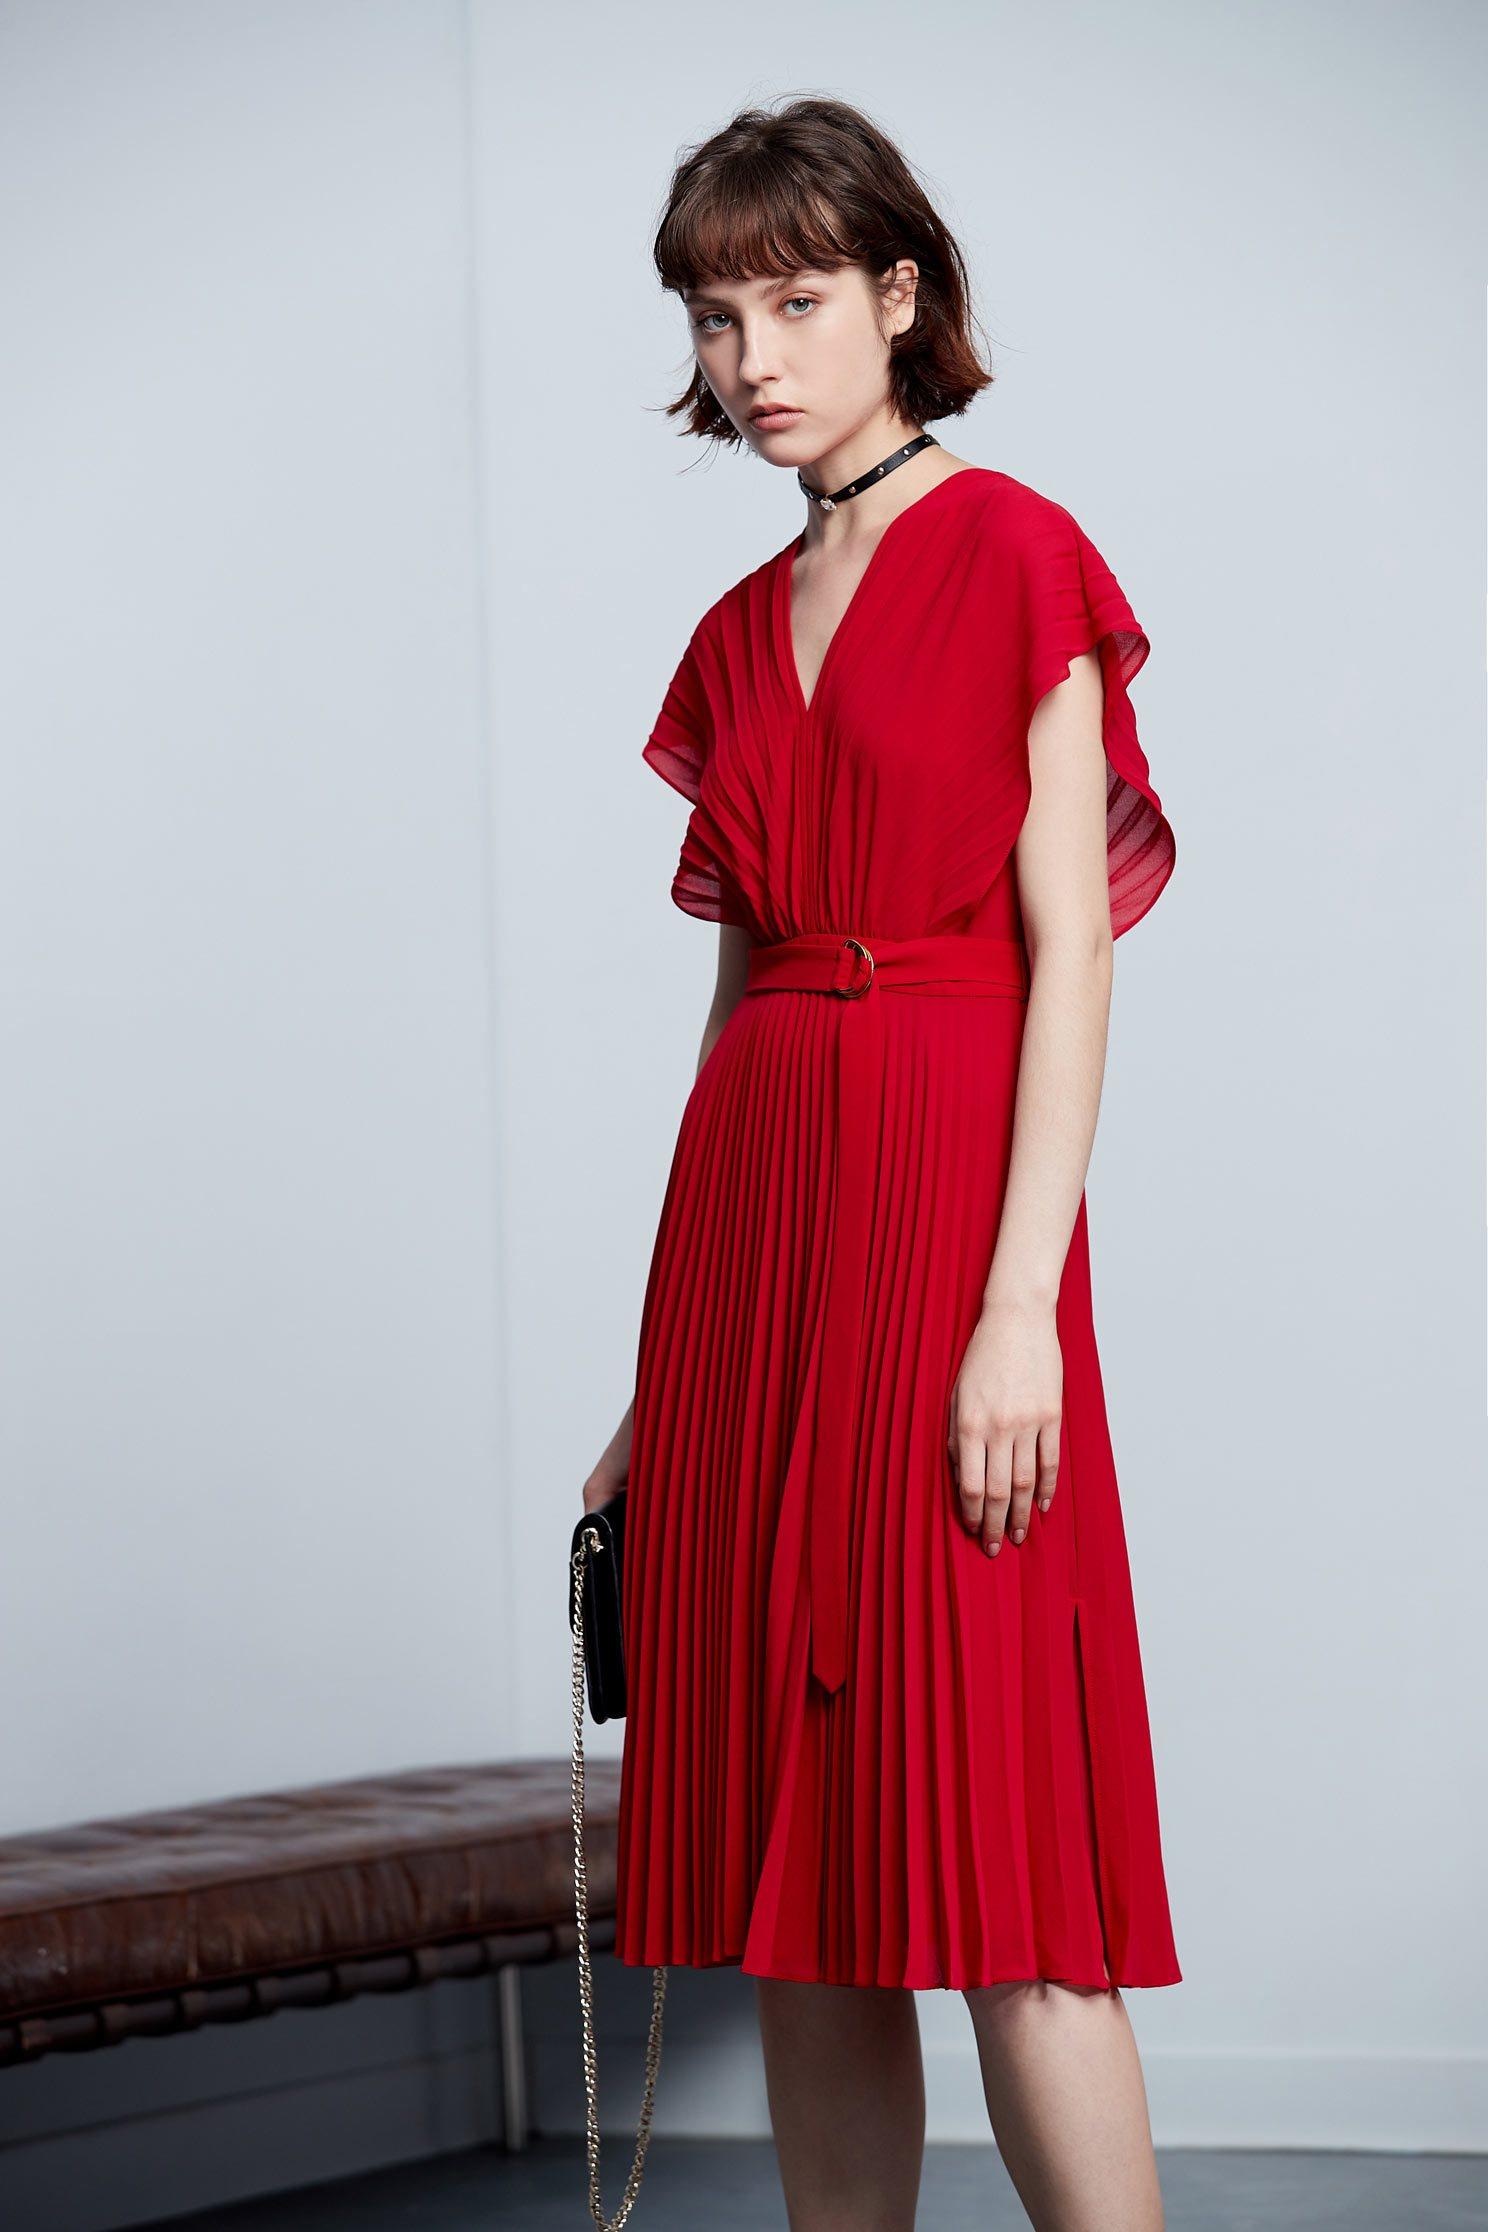 .,v-neckdress,dress,pleats,pleatedskirt,shortsleevedress